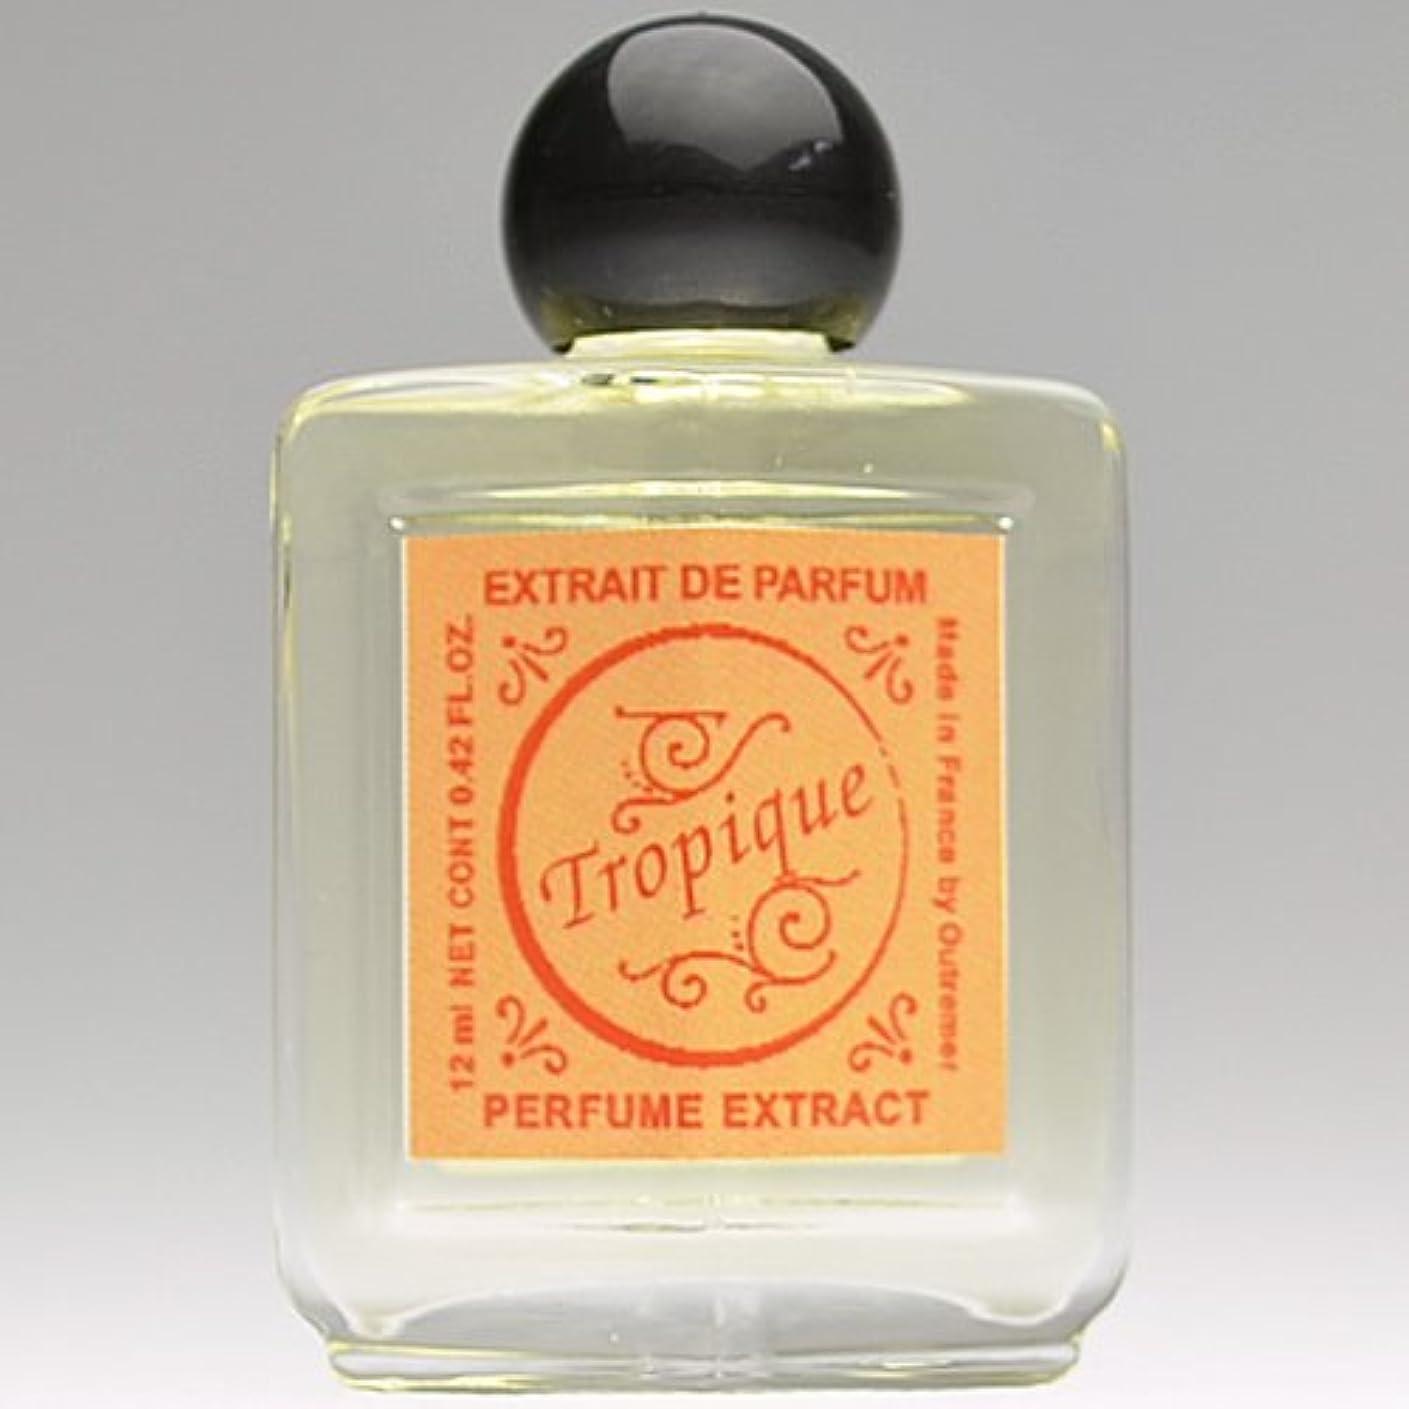 スティックアソシエイト警告L'Aromarine(アロマリン) パフュームエクストラクト(アロマオイル) 12ml 「トロピカル」 4994228017024